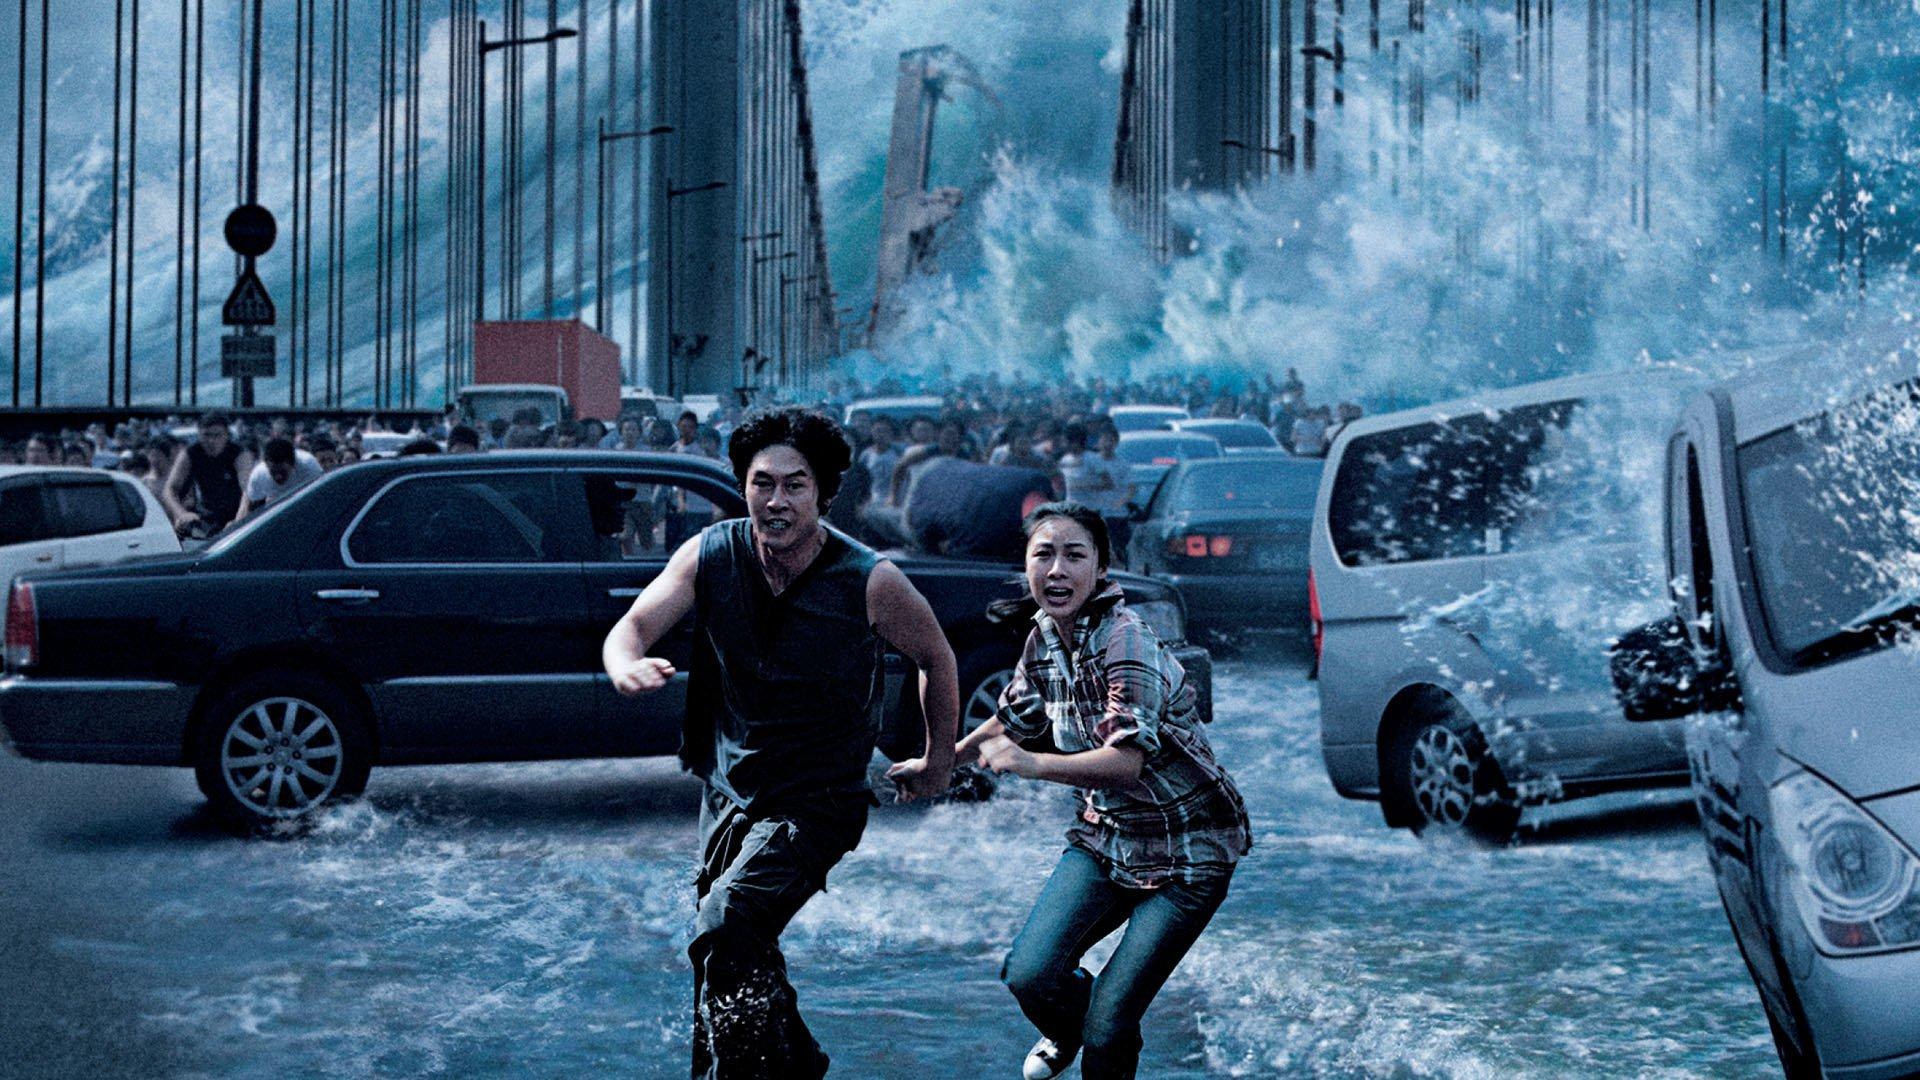 แฮอุนแด มหาวินาศมนุษยชาติ (Tidal Wave)